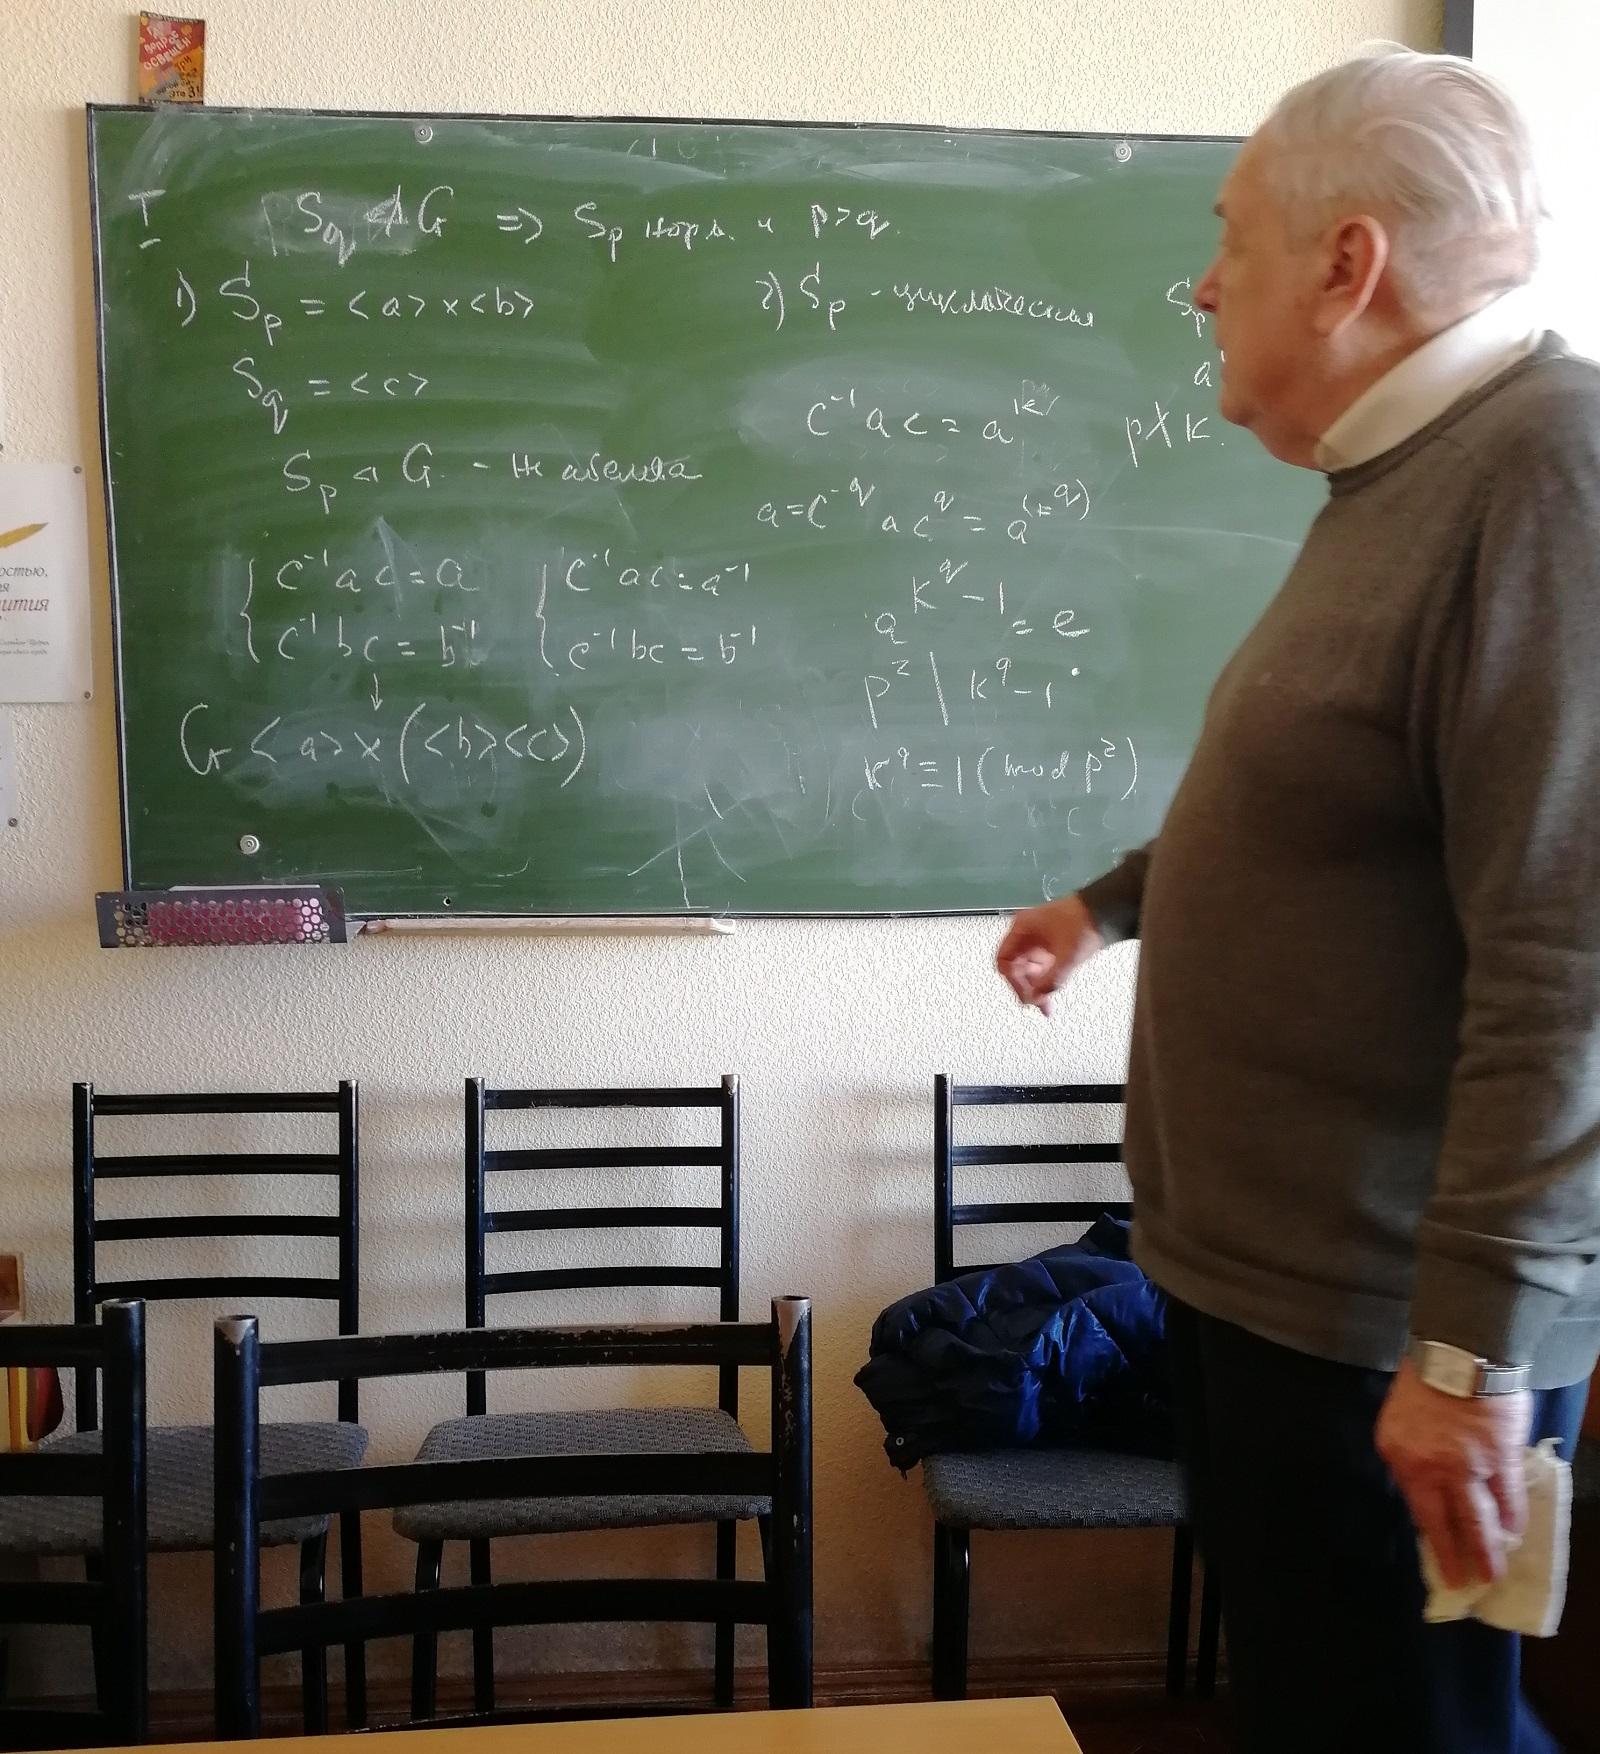 俄罗斯留学就读数学专业有多难?本科需要学多少东西?插图8-小狮座俄罗斯留学